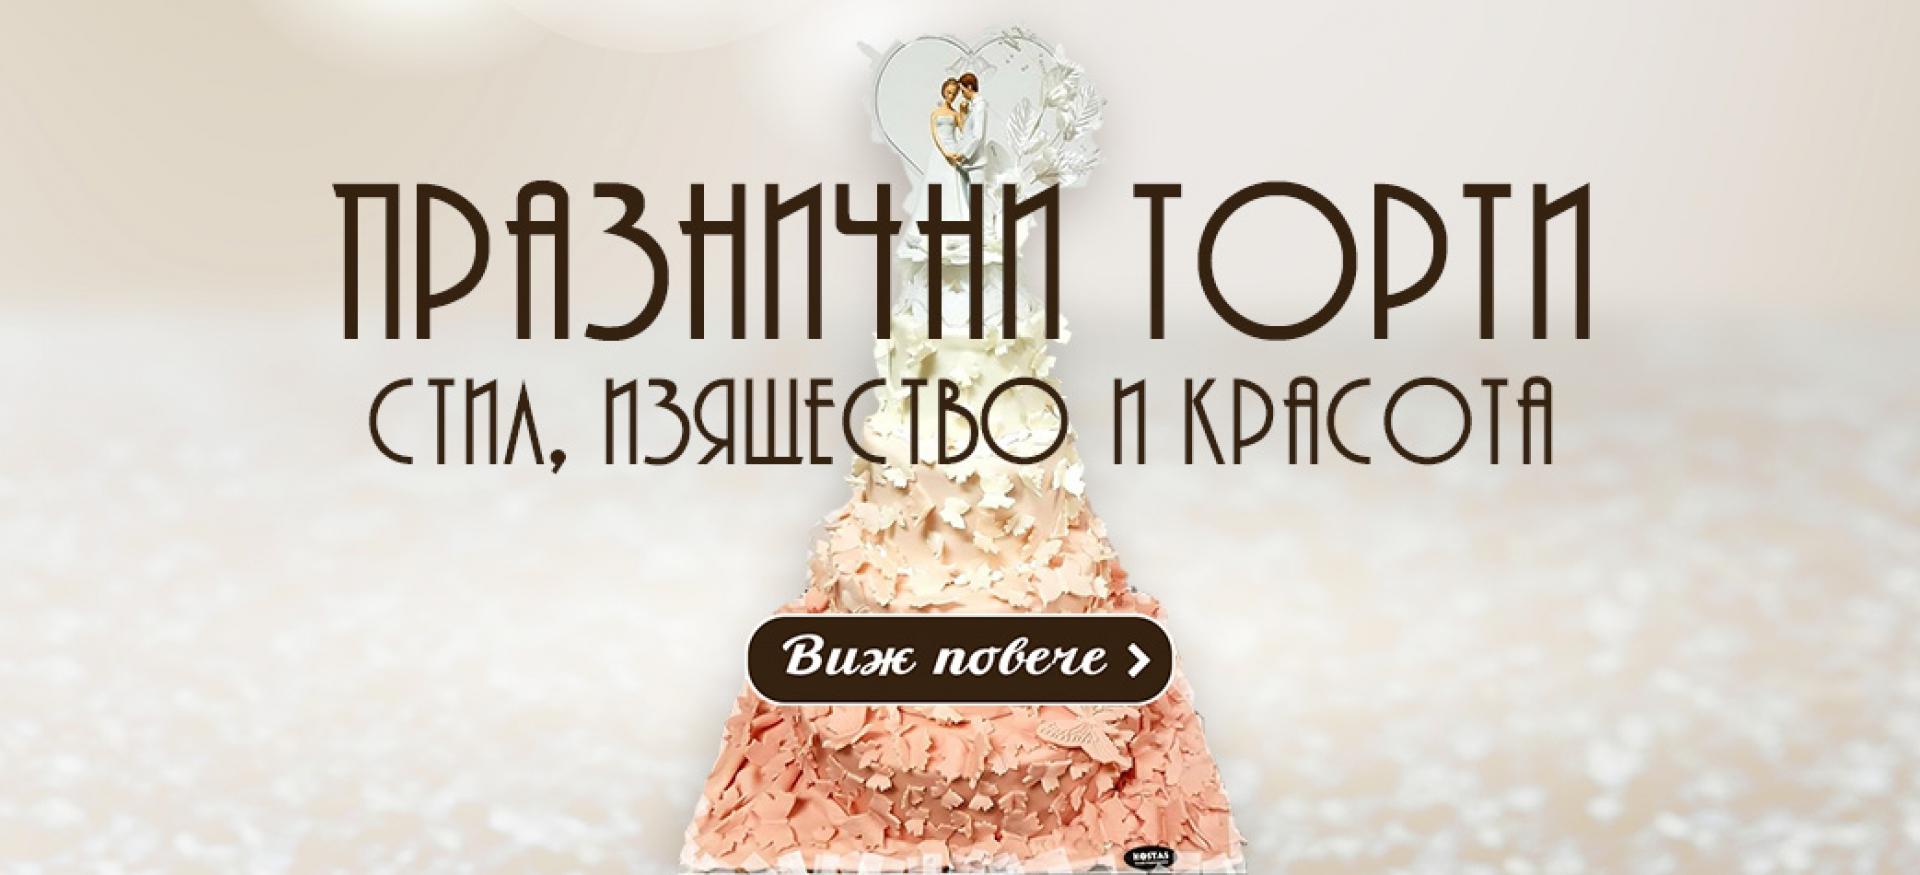 https://kostas.bg/image/cache/catalog/slider/torti-praznichni-1920x875-0.jpg